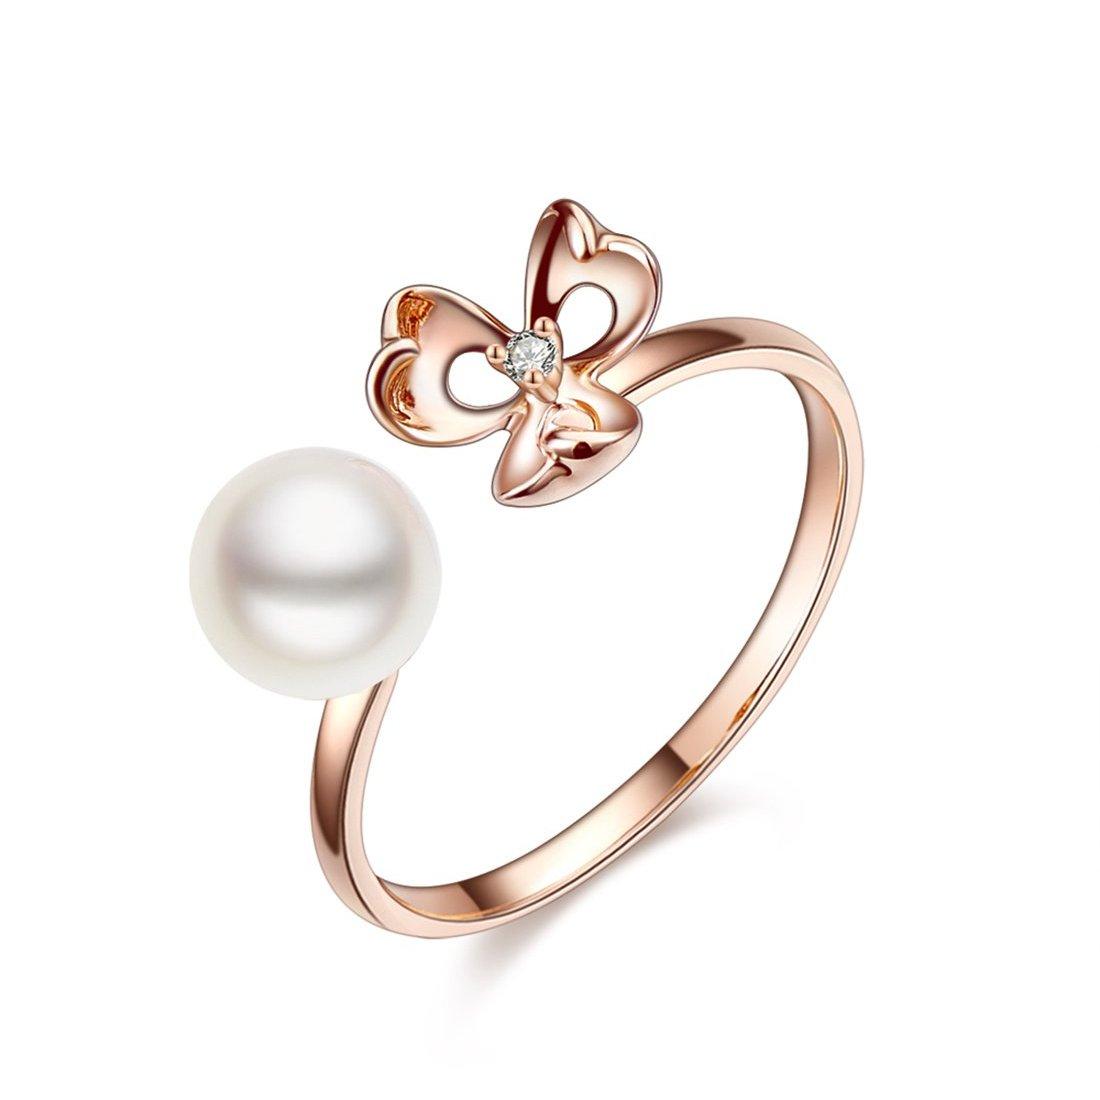 北海珍珠批发  北海海水珍珠戒指批发18K金珍珠牡丹钻石戒指女戒开口戒